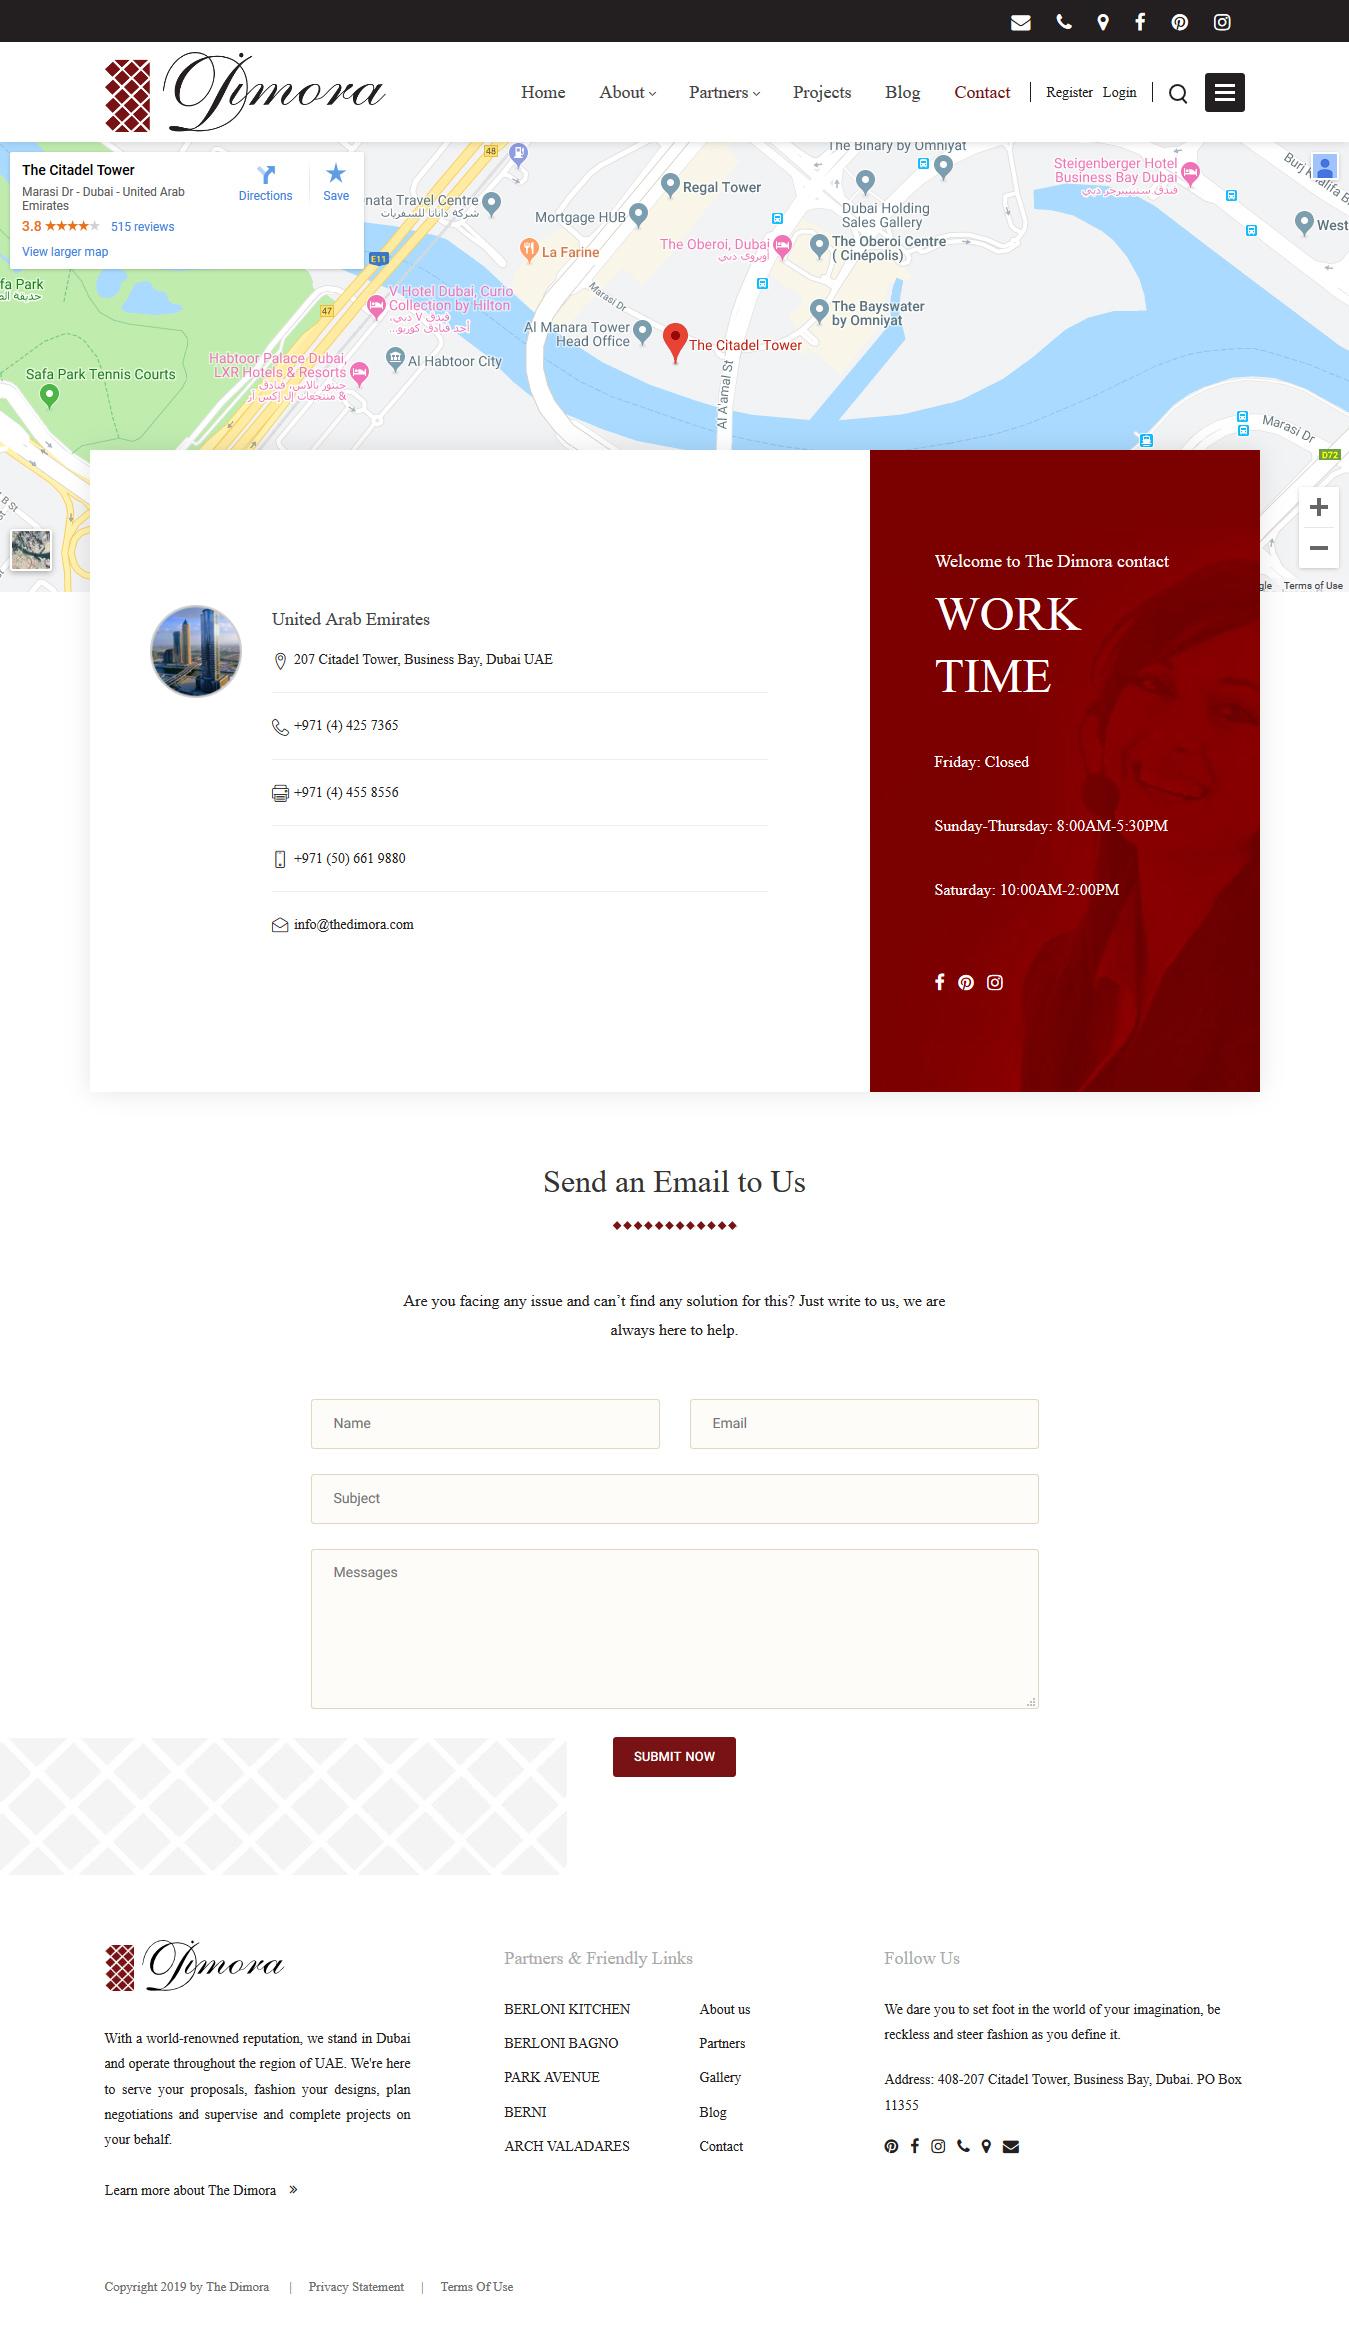 تصویری از صفحه تماس با شرکت معماری و طراحی داخلی The Dimora دوبی